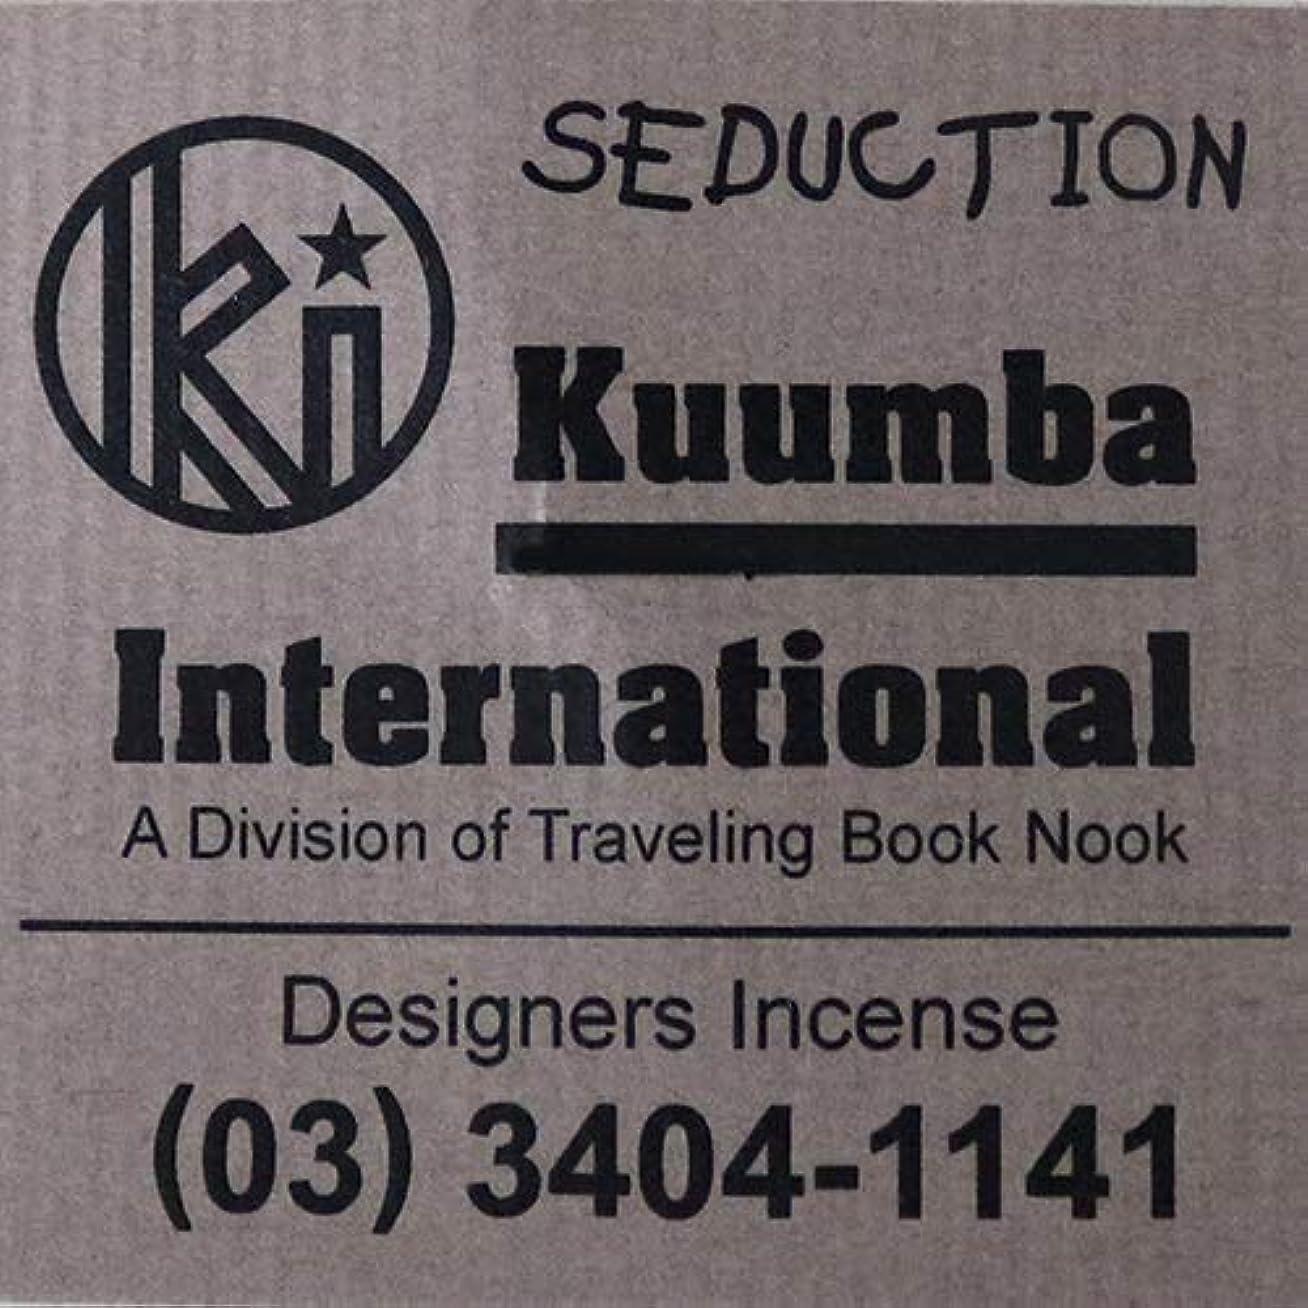 雲表面メンテナンス(クンバ) KUUMBA『incense』(SEDUCTION) (SEDUCTION, Regular size)